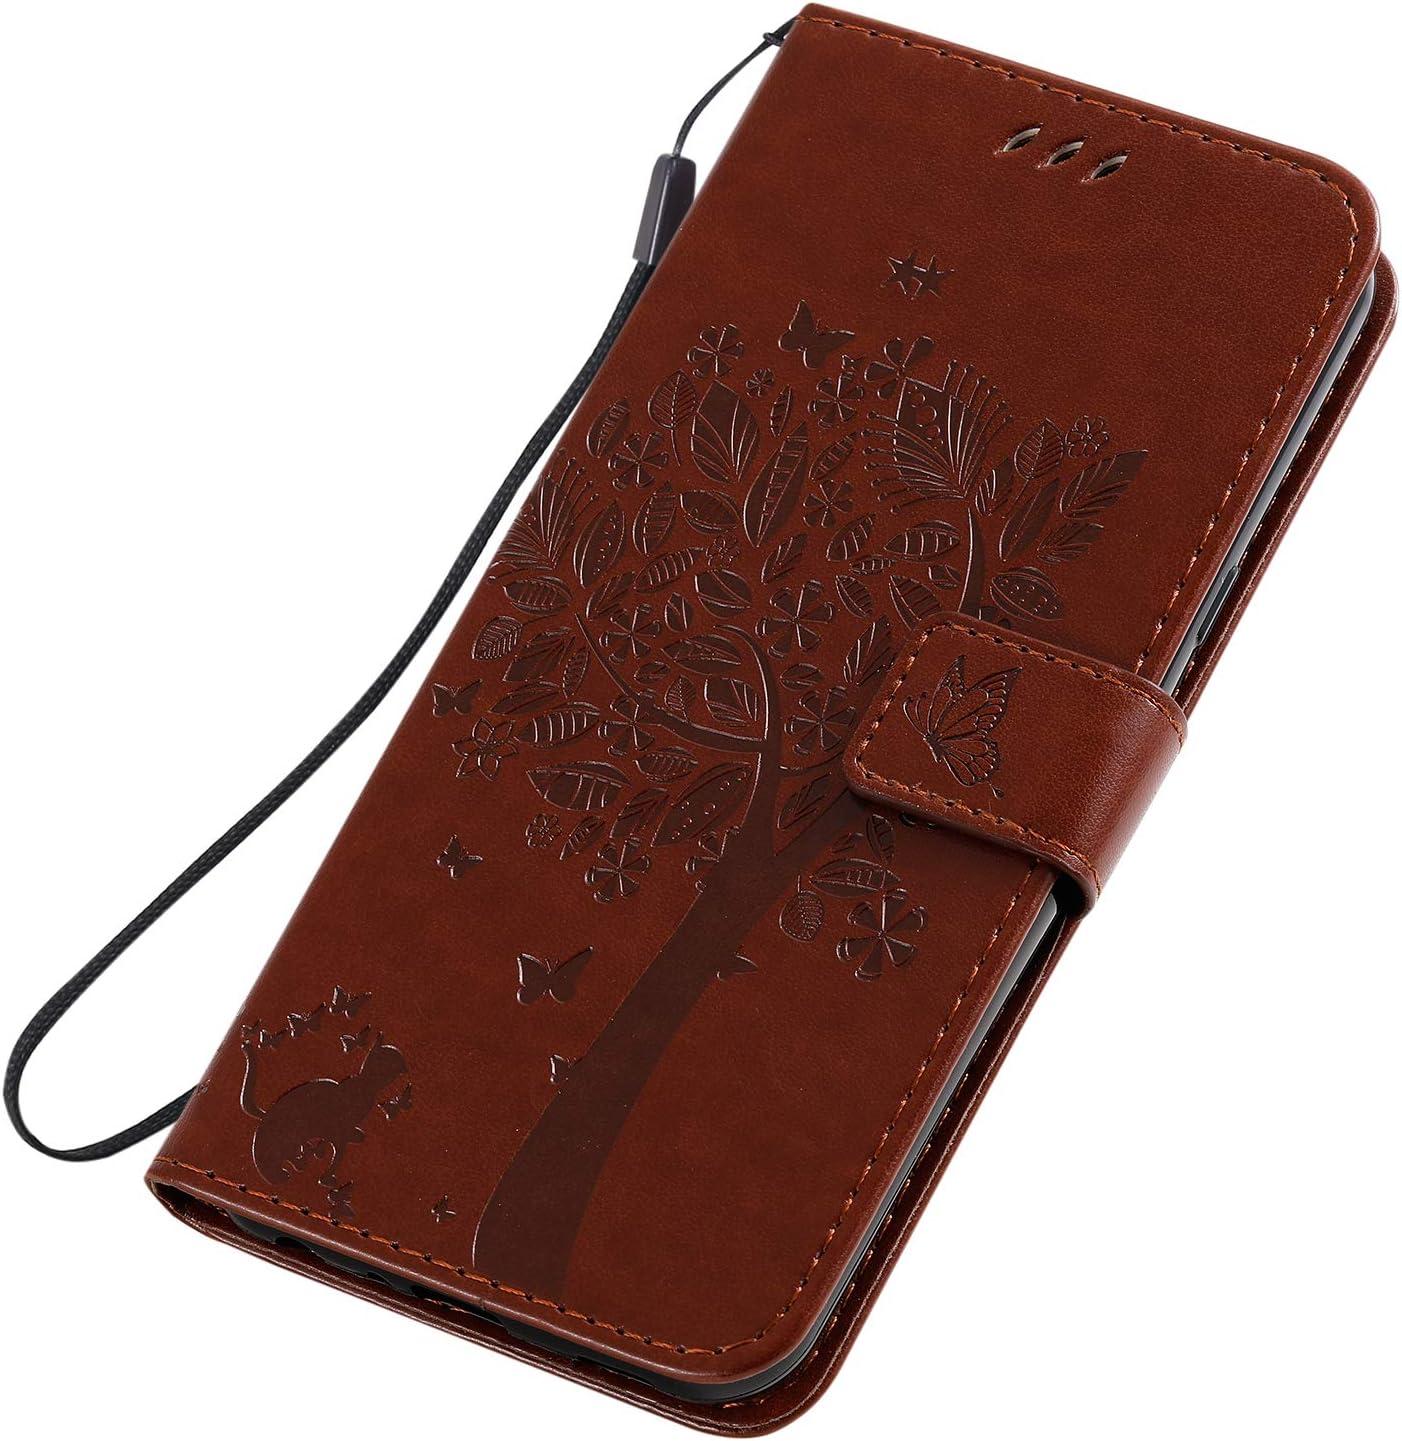 Shockproof Leather Flip Cover Case for LG K50 NEKTU080738 Red NEXCURIO Wallet Case for LG K50 LG Q60 with Card Holder Side Pocket Kickstand LG Q60